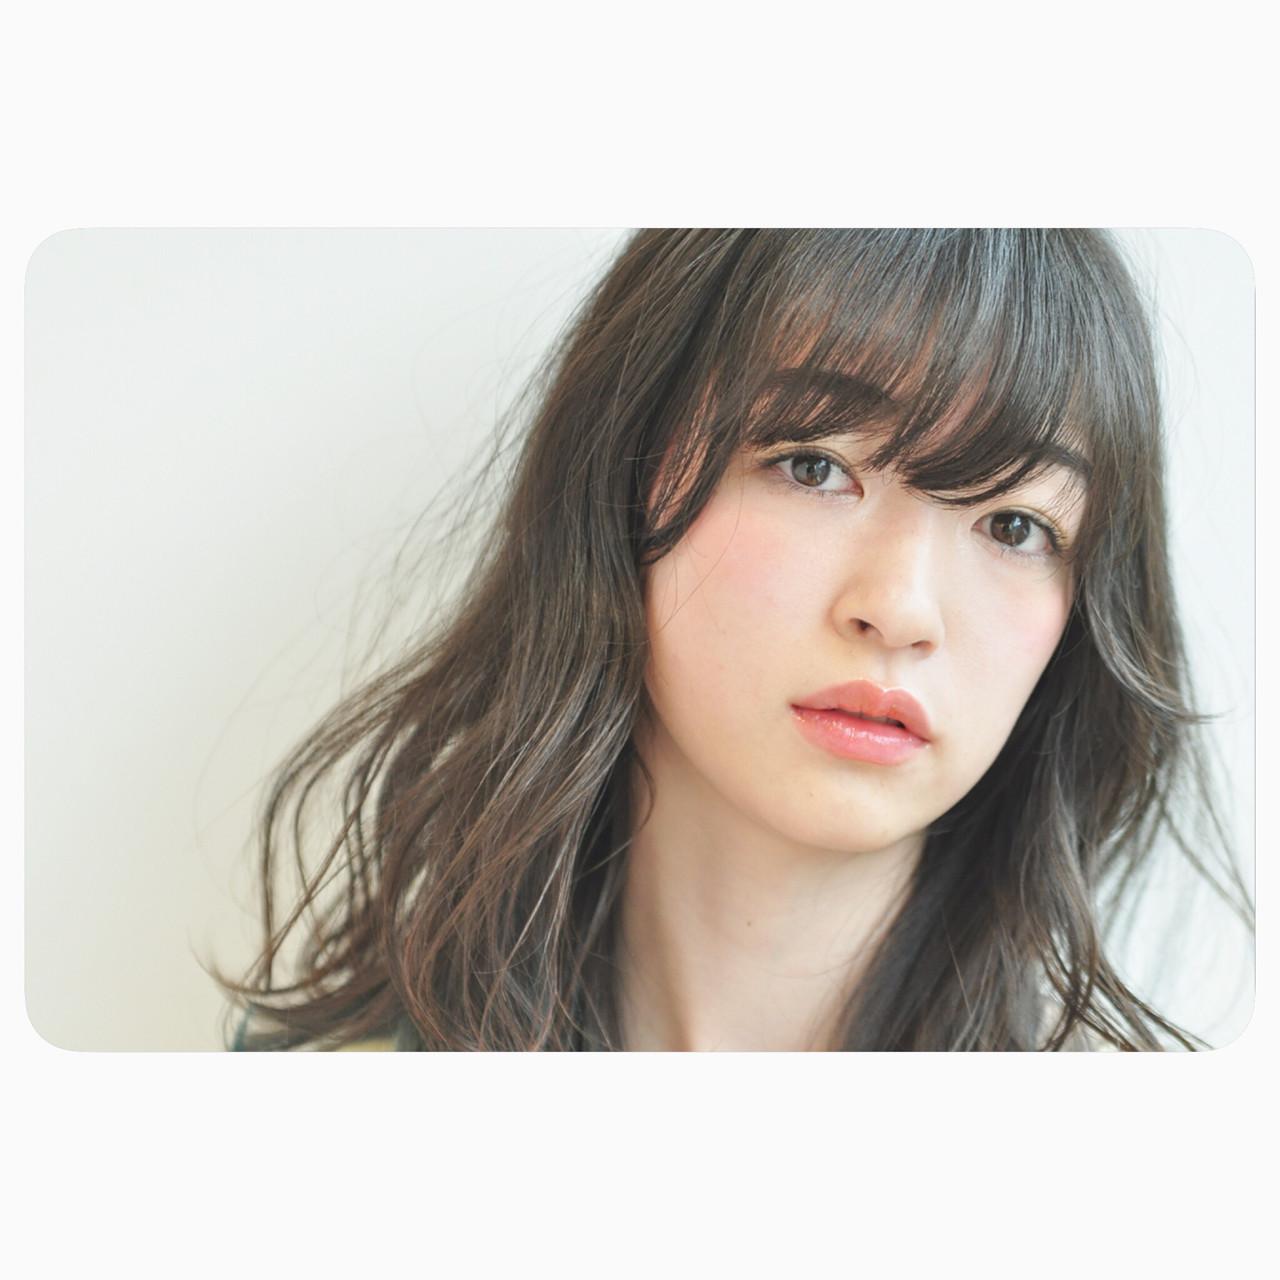 セミロング ナチュラル リラックス 女子会 ヘアスタイルや髪型の写真・画像 | Nari46 / tricca DAIKANYAMA